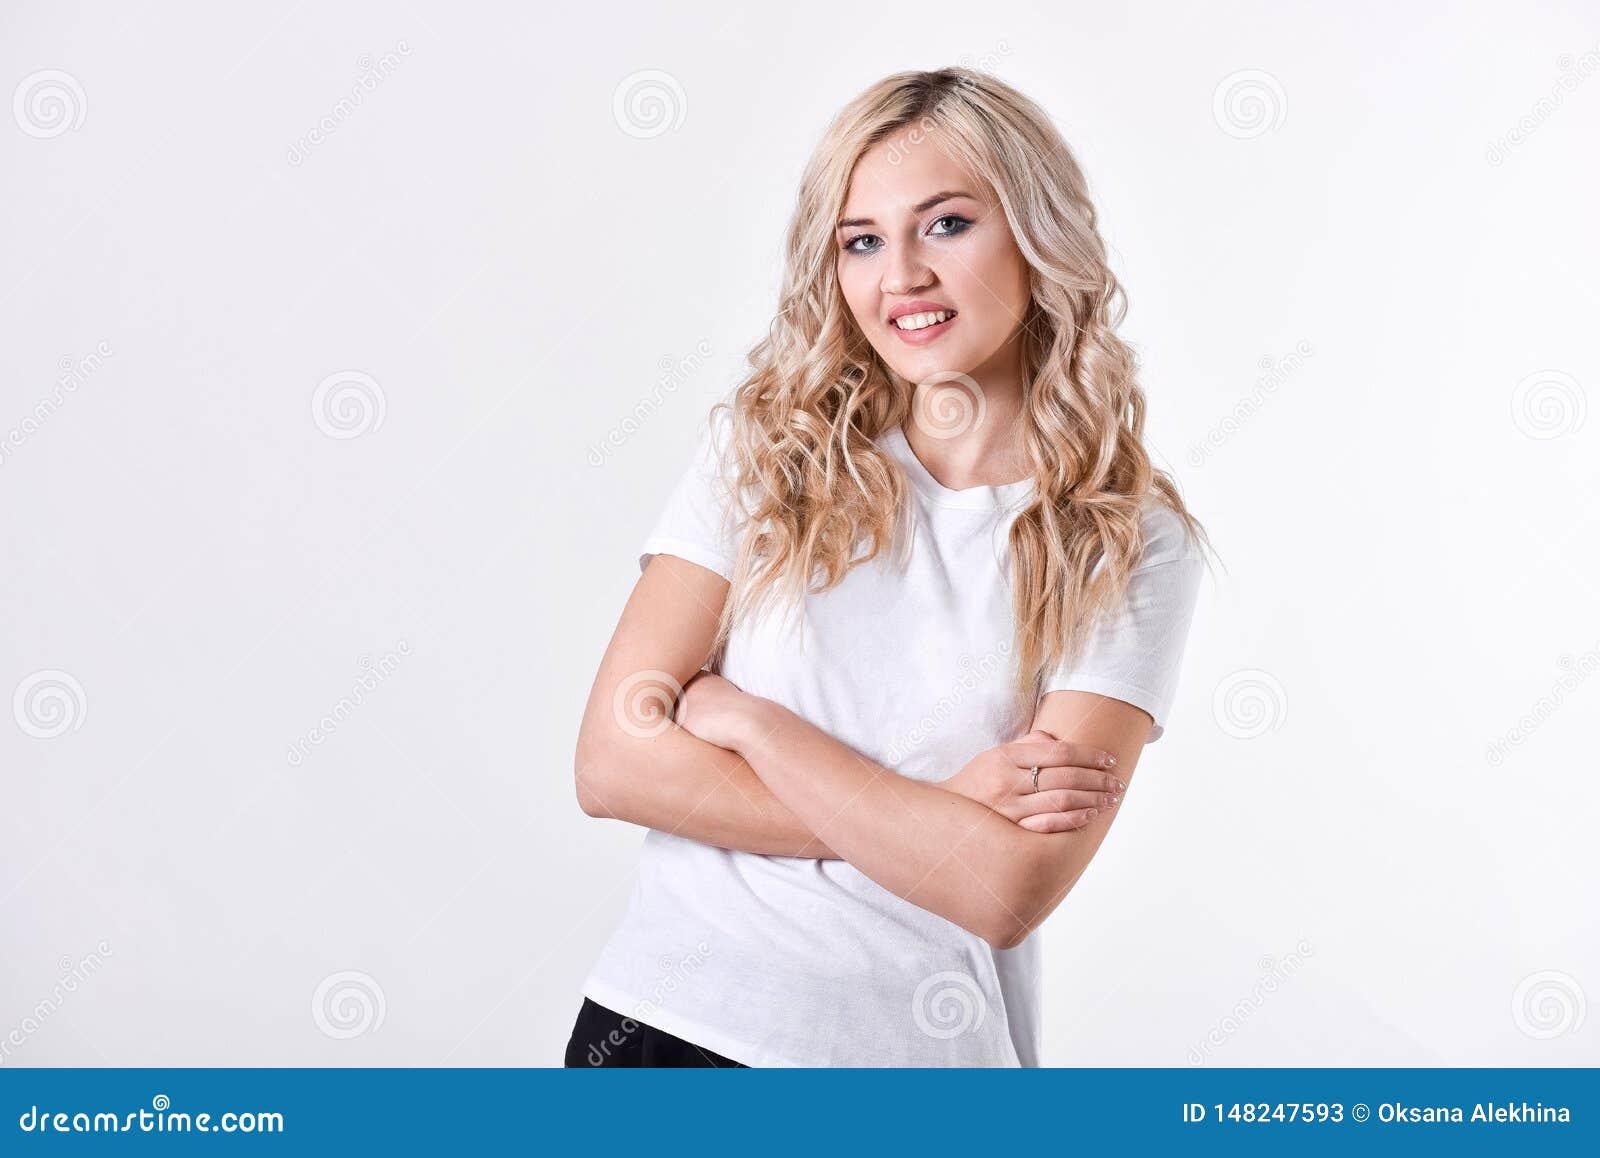 一个年轻美女金发碧眼的女人站立用被折叠的手,一白色衬衫,在白色背景